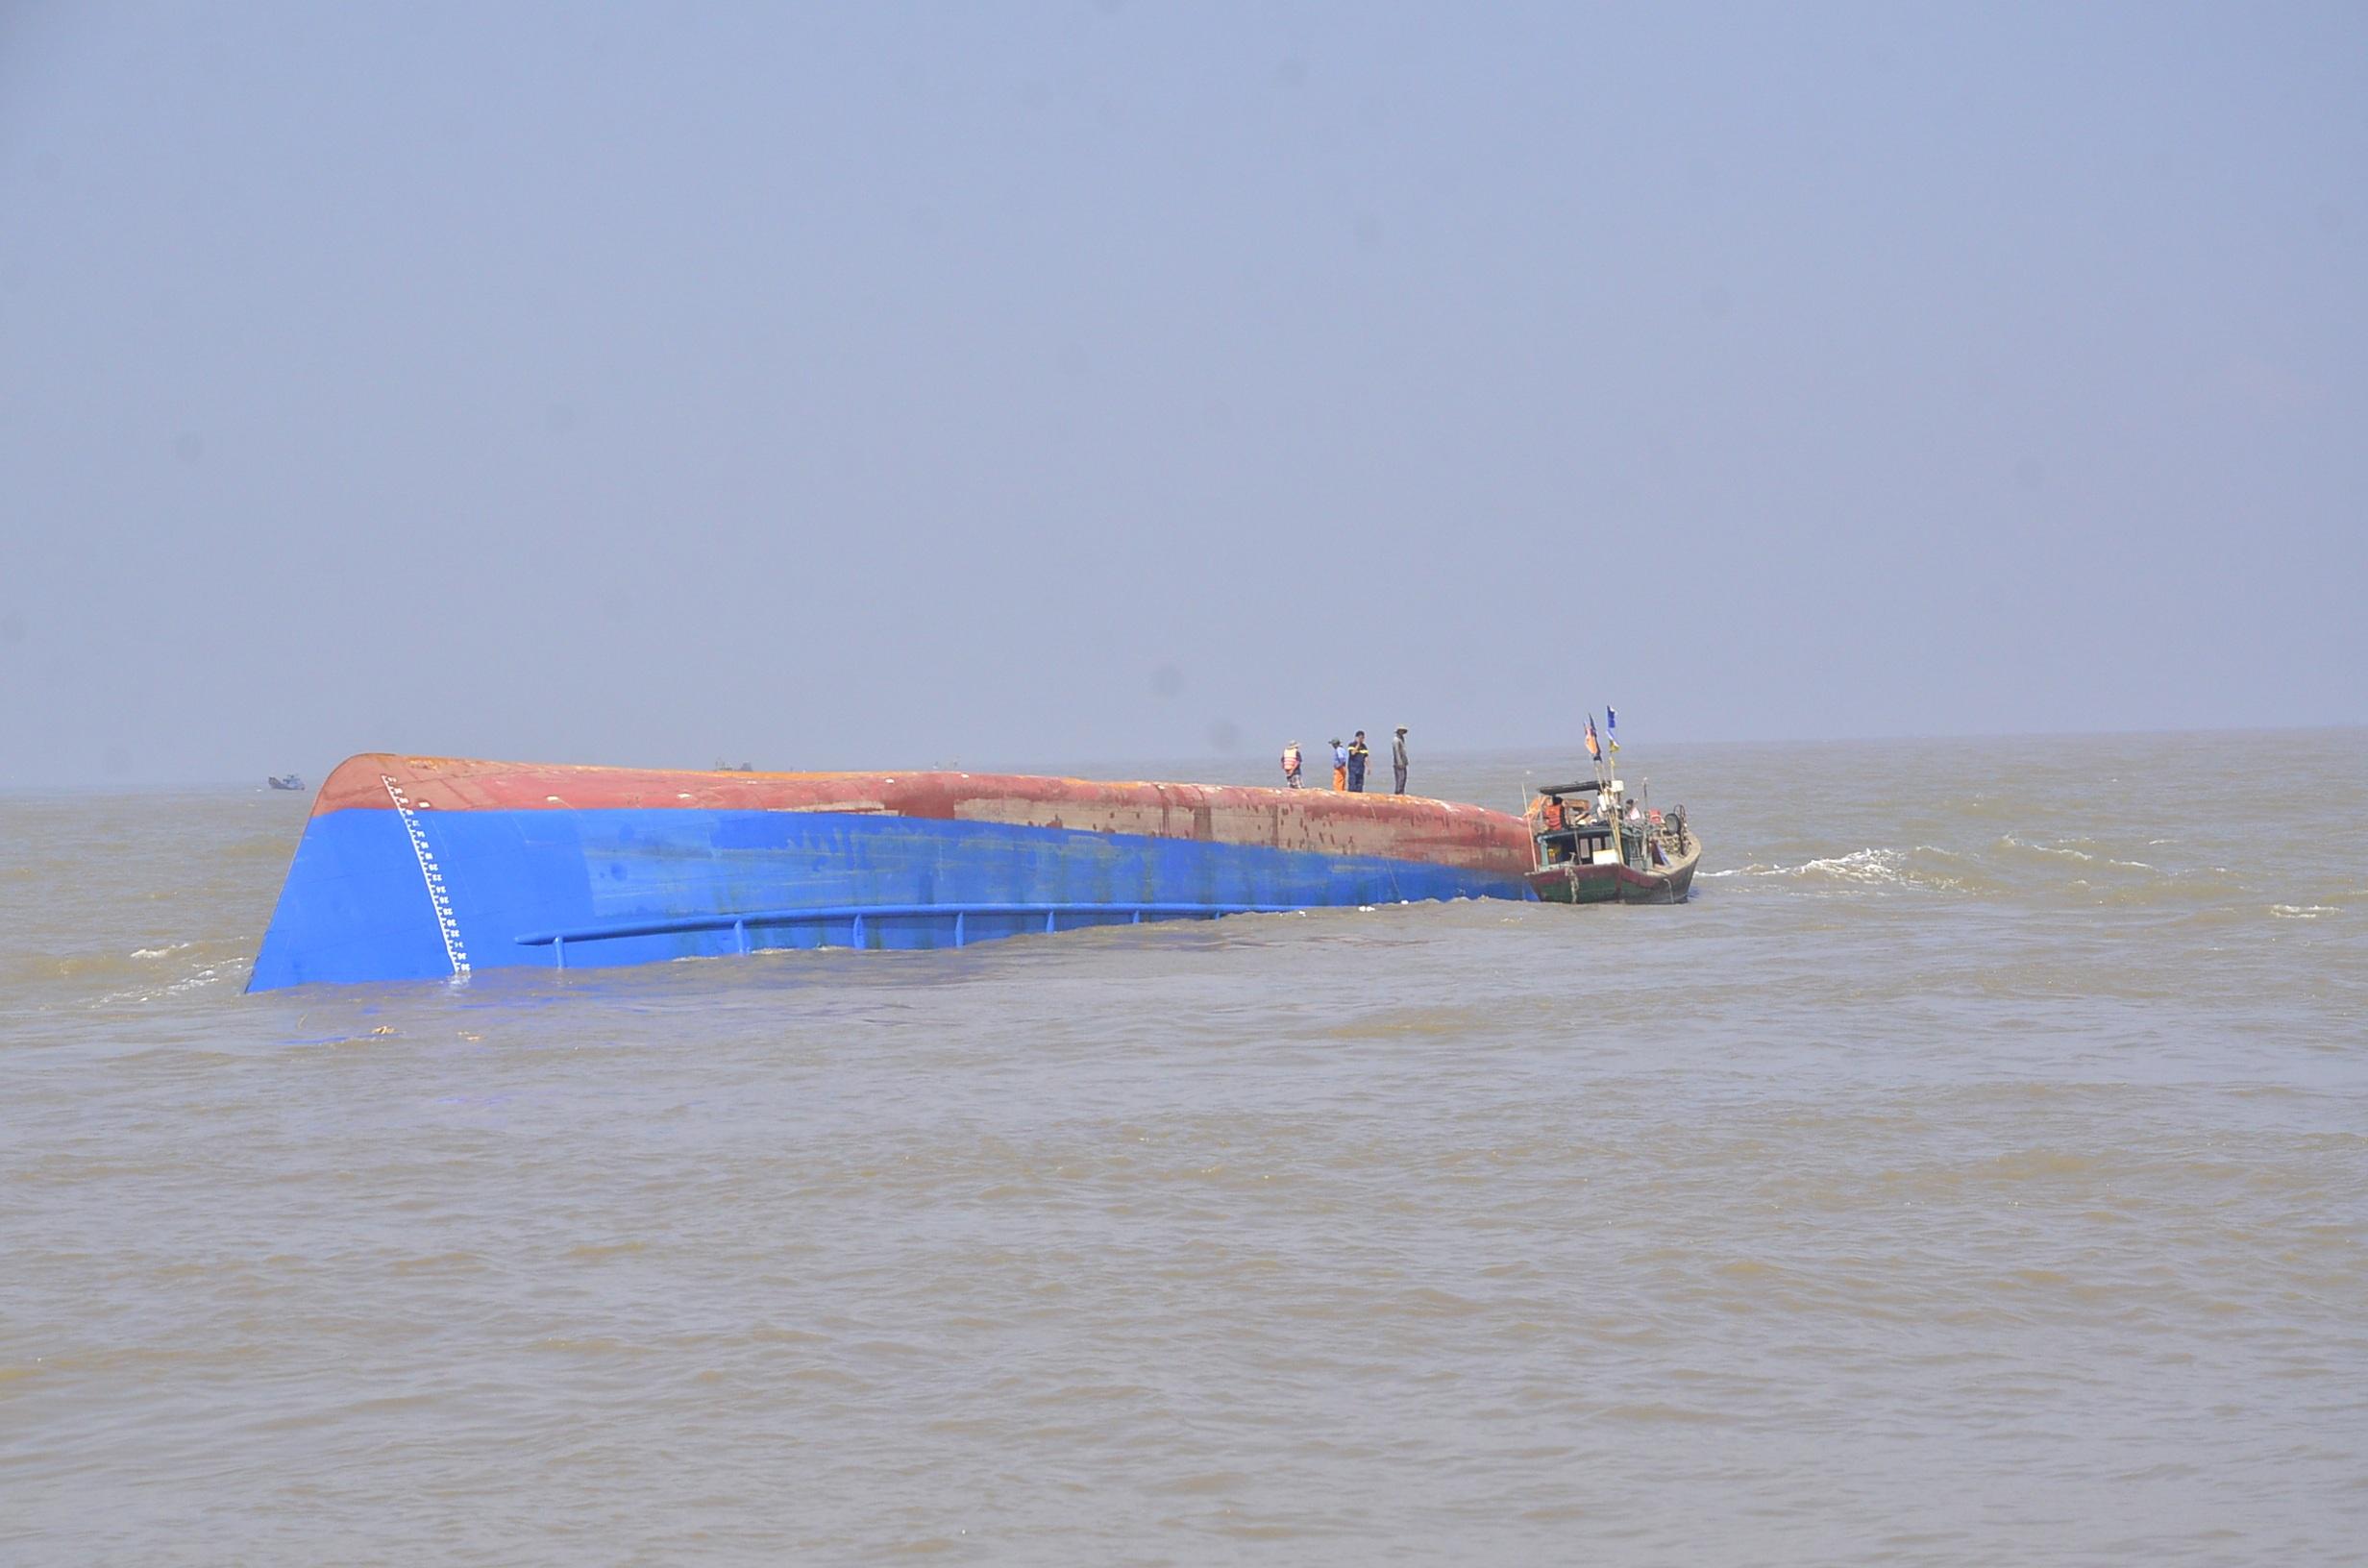 Một tàu chìm trên biển Cần Giờ (ảnh minh họa)